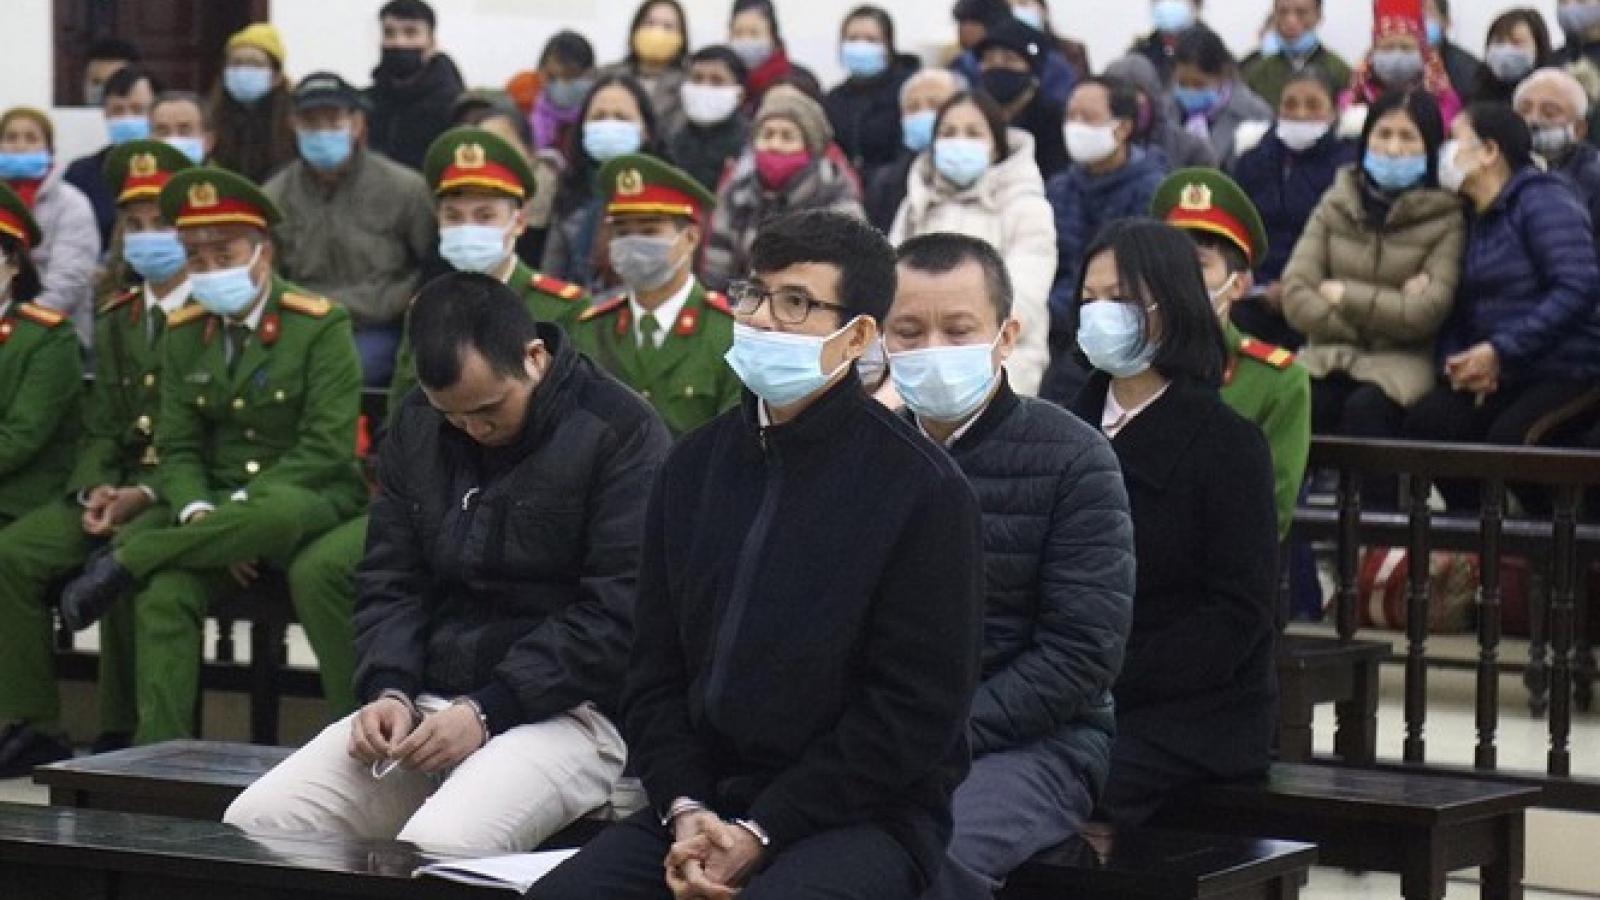 """Cán bộ Liên kết Việt được nhận hàng chục tỷ mà """"không hiểu vì sao"""""""